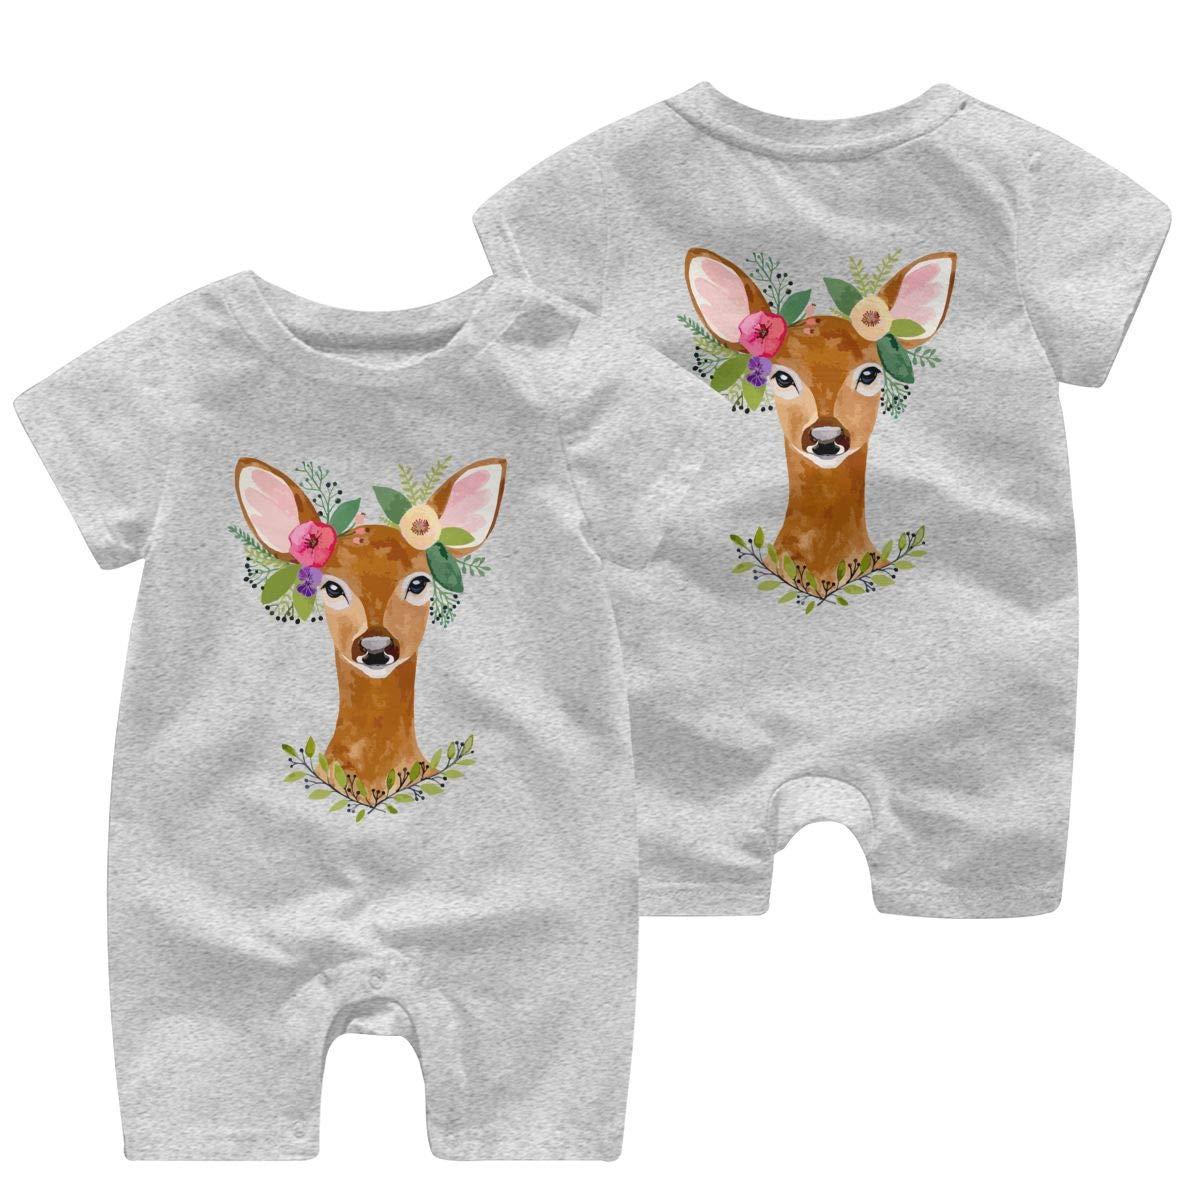 UGFGF/&3 Deer with Flower Crown Newborn Kids Short Sleeve Romper Jumpsuit Kid Pajamas 0-24 Months